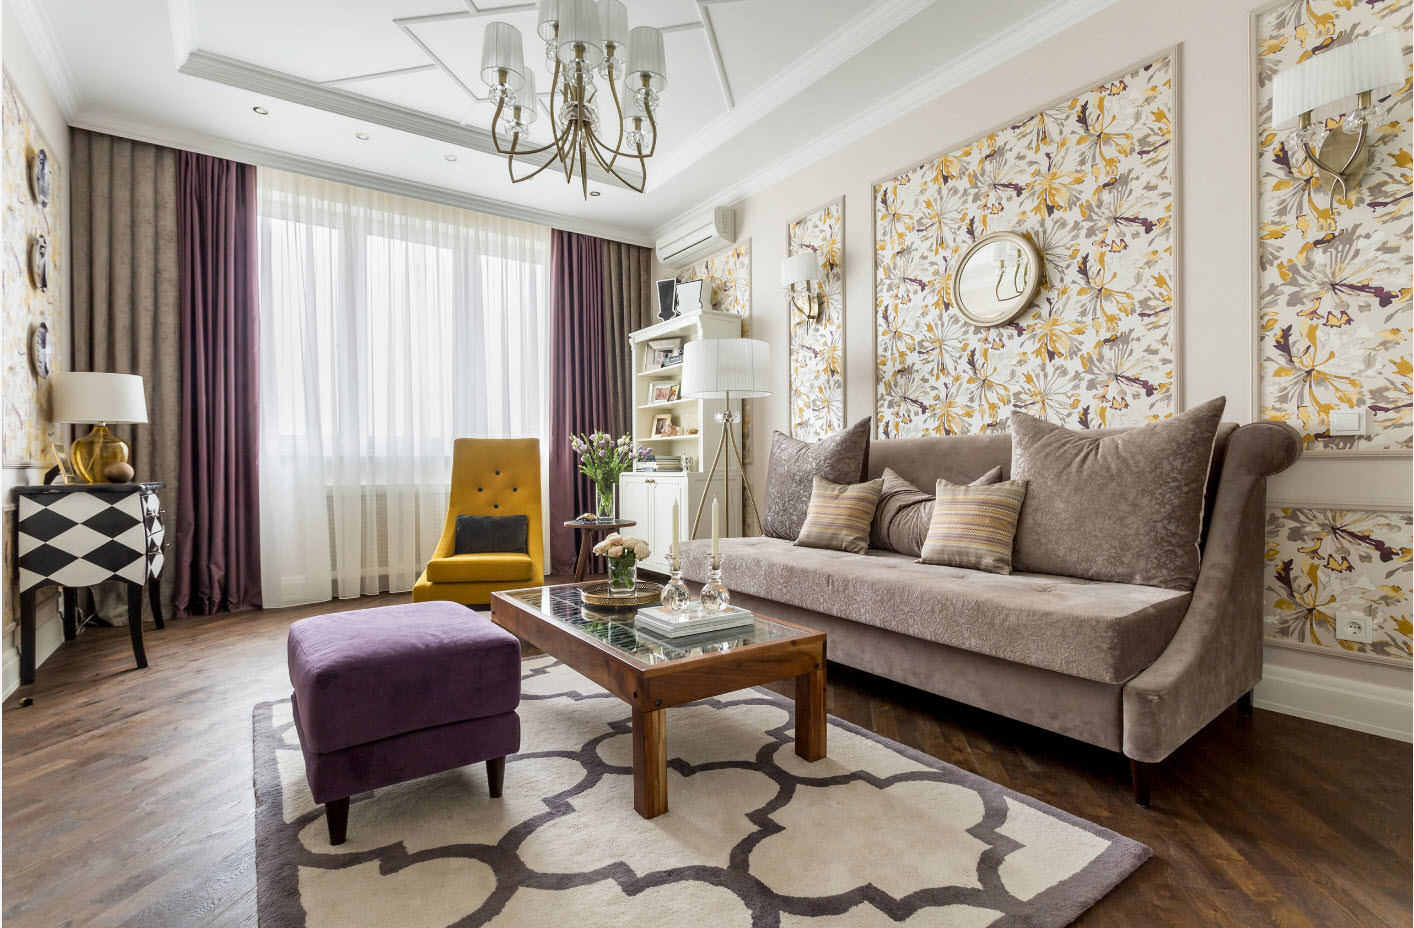 giấy dán tường trong nội thất phòng khách